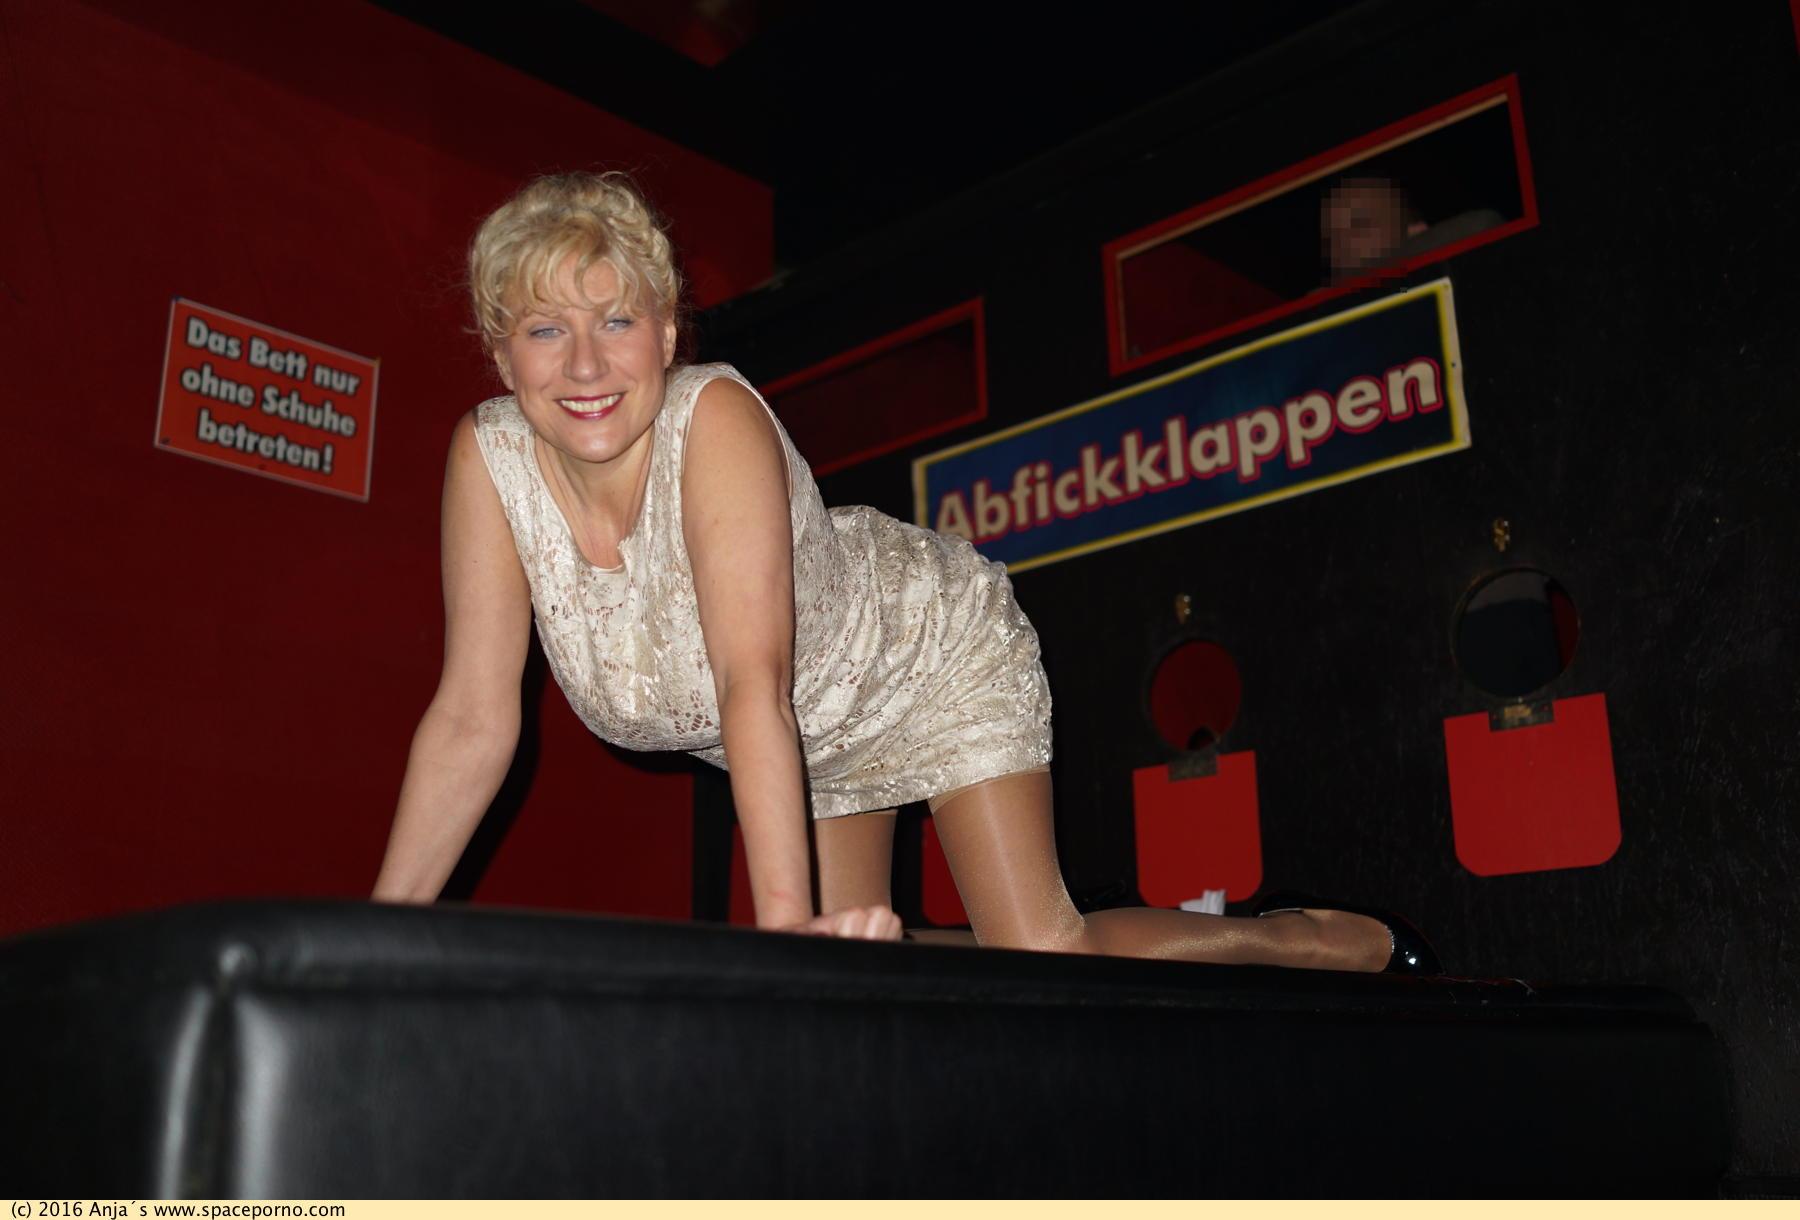 Porno Kino Duisburg